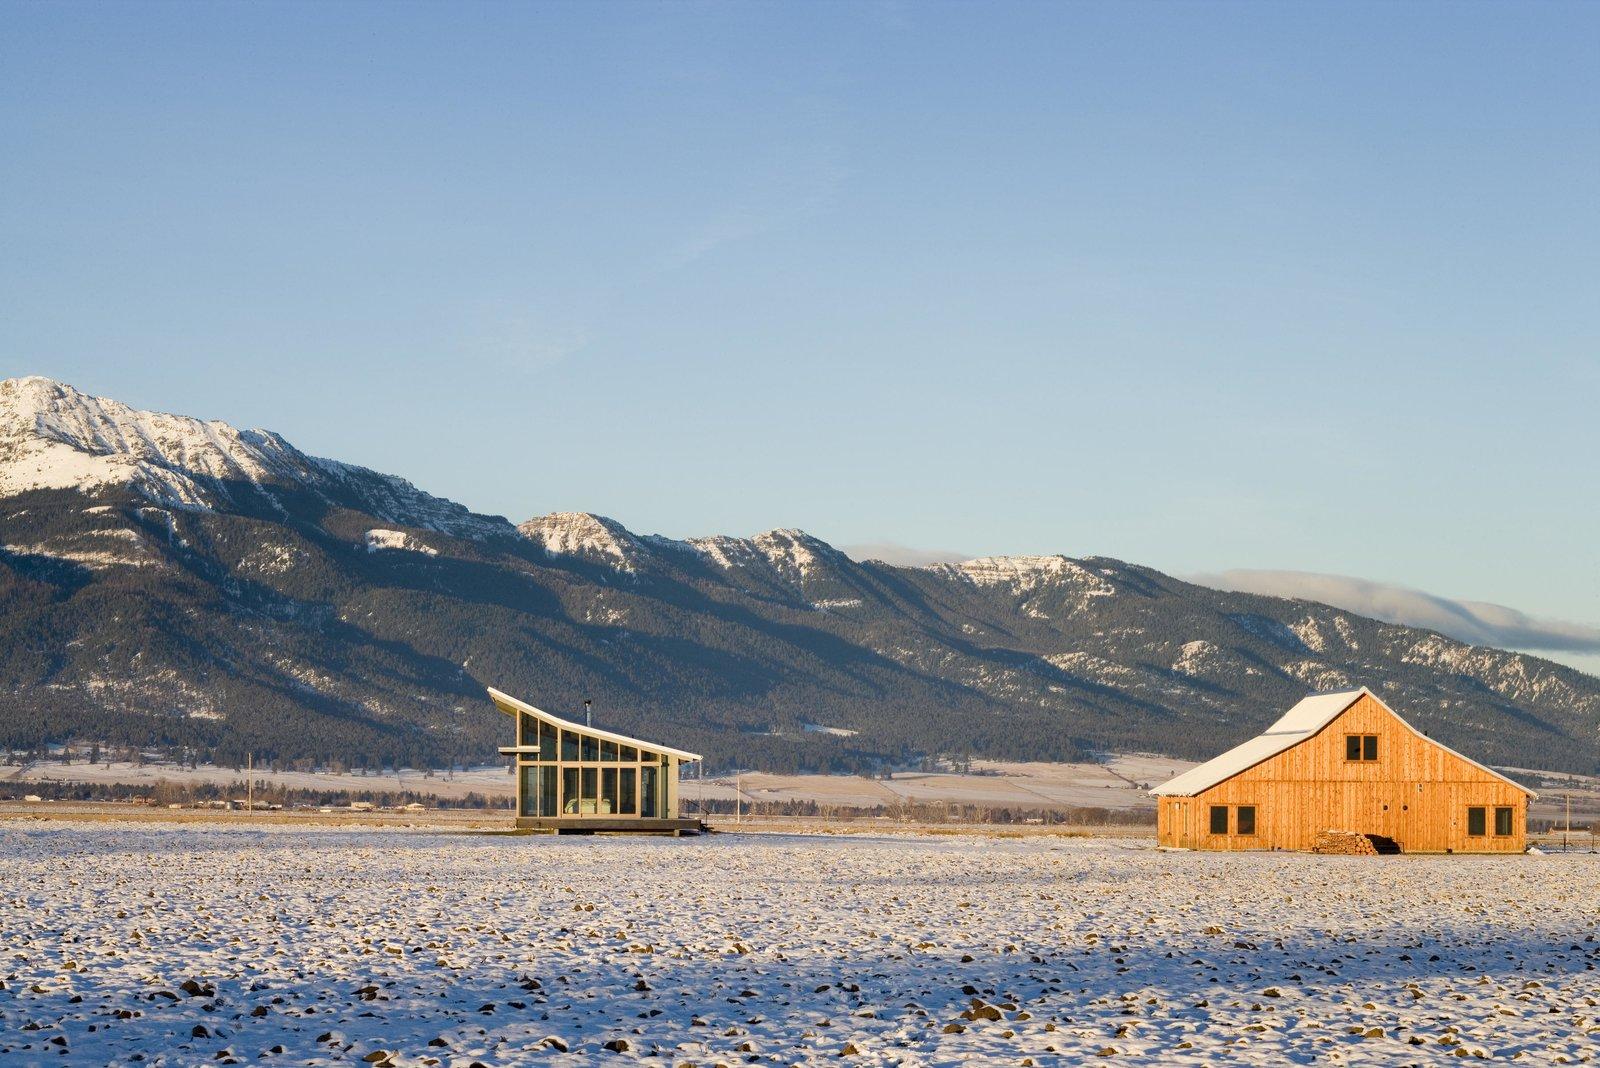 Glass Farmhouse | Olson Kundig  Glass Farmhouse by Olson Kundig